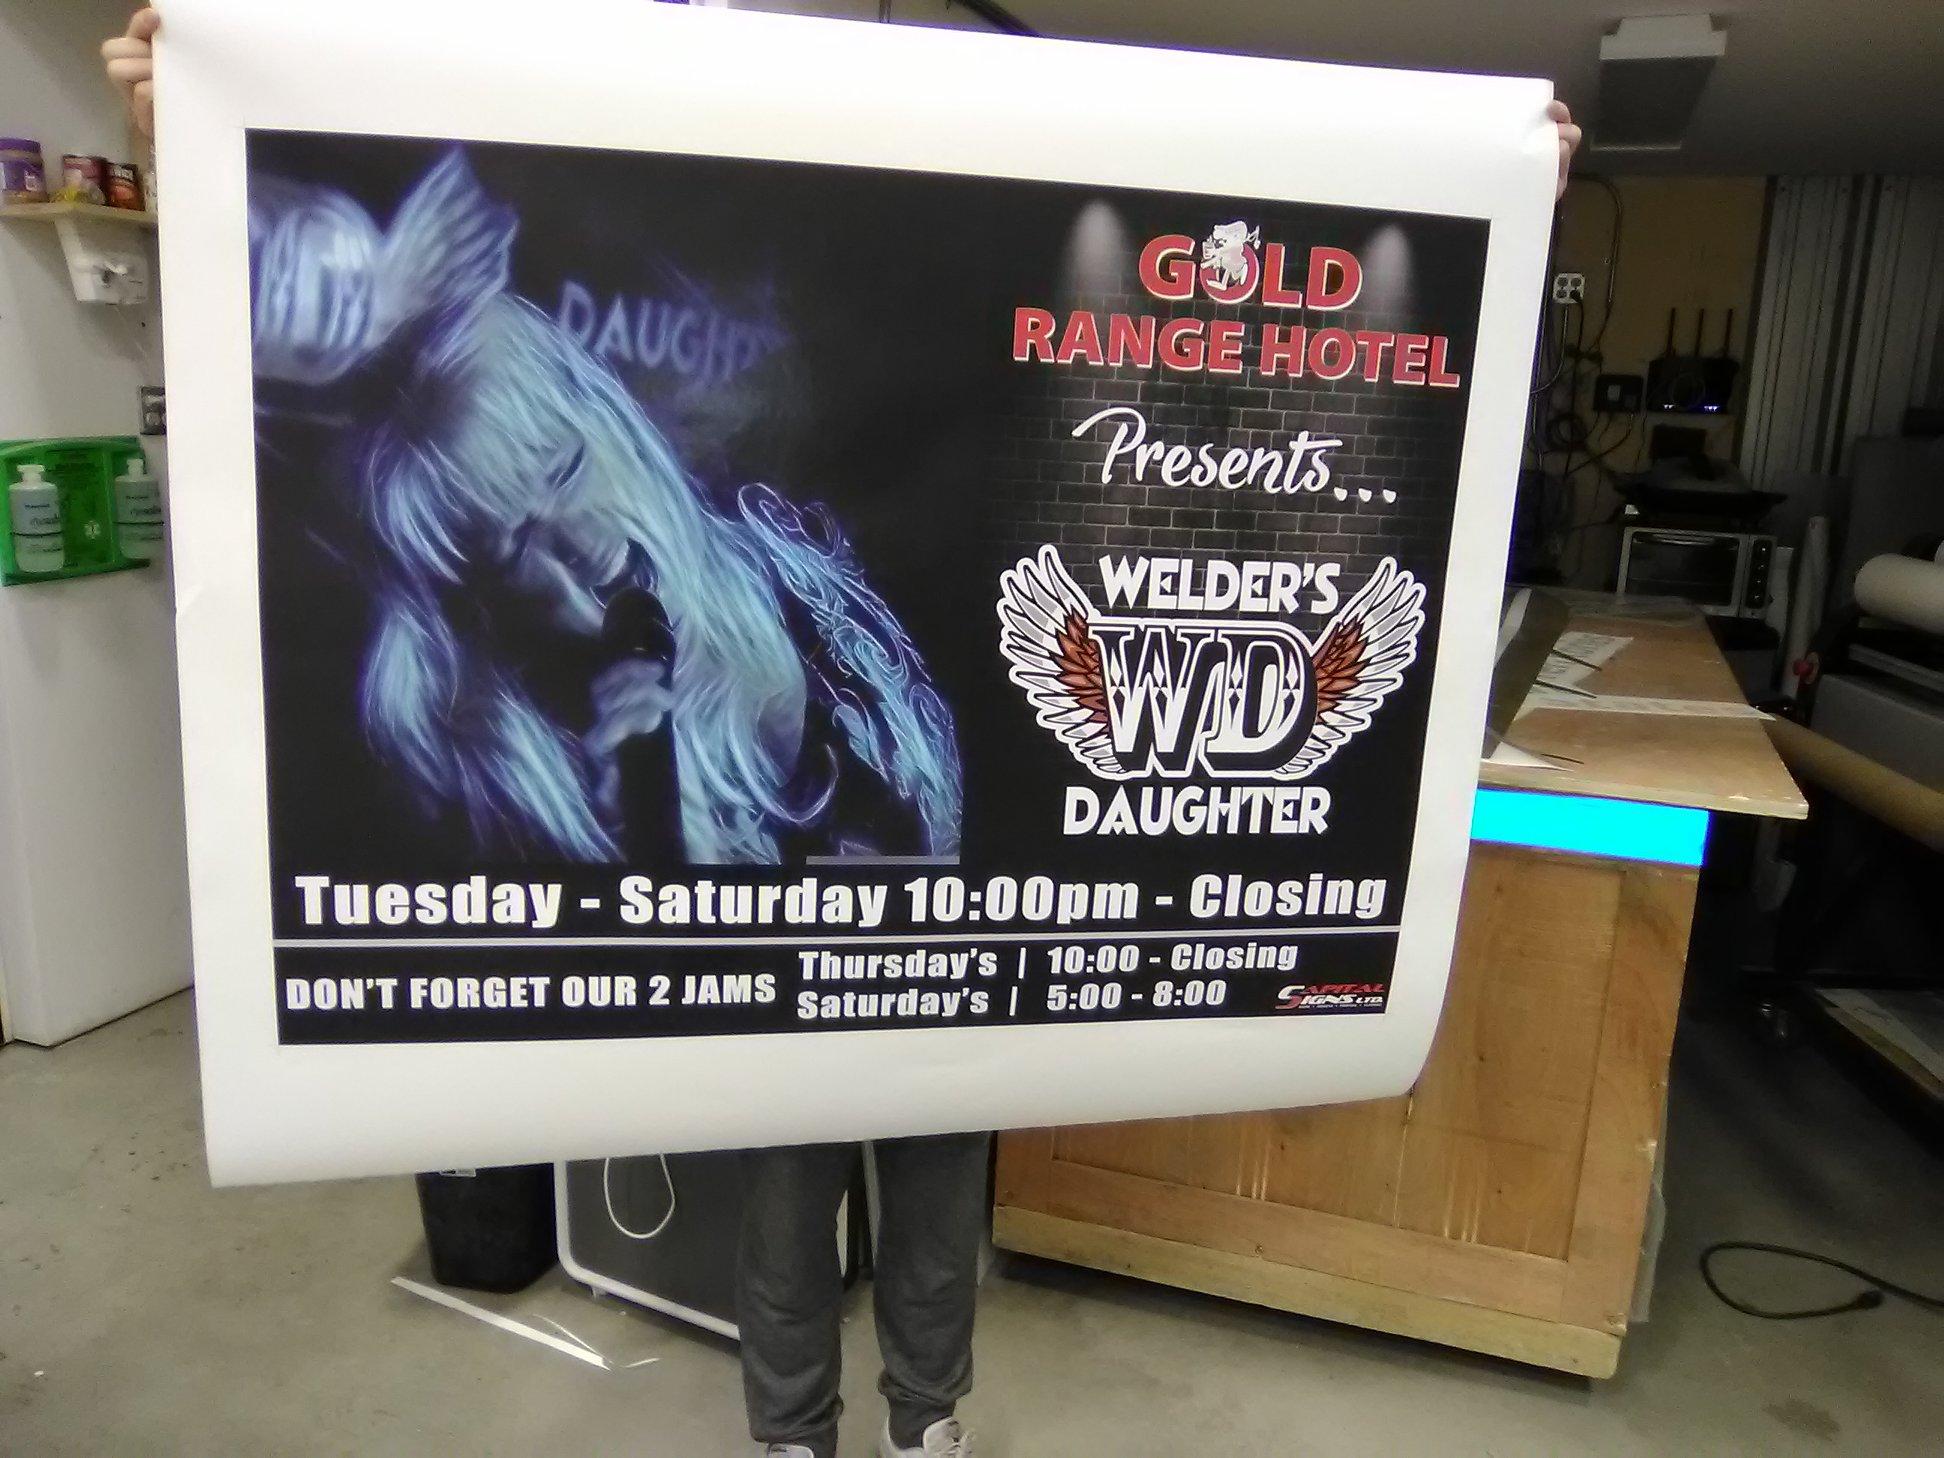 Gold Range Hotel Promotional Banner.